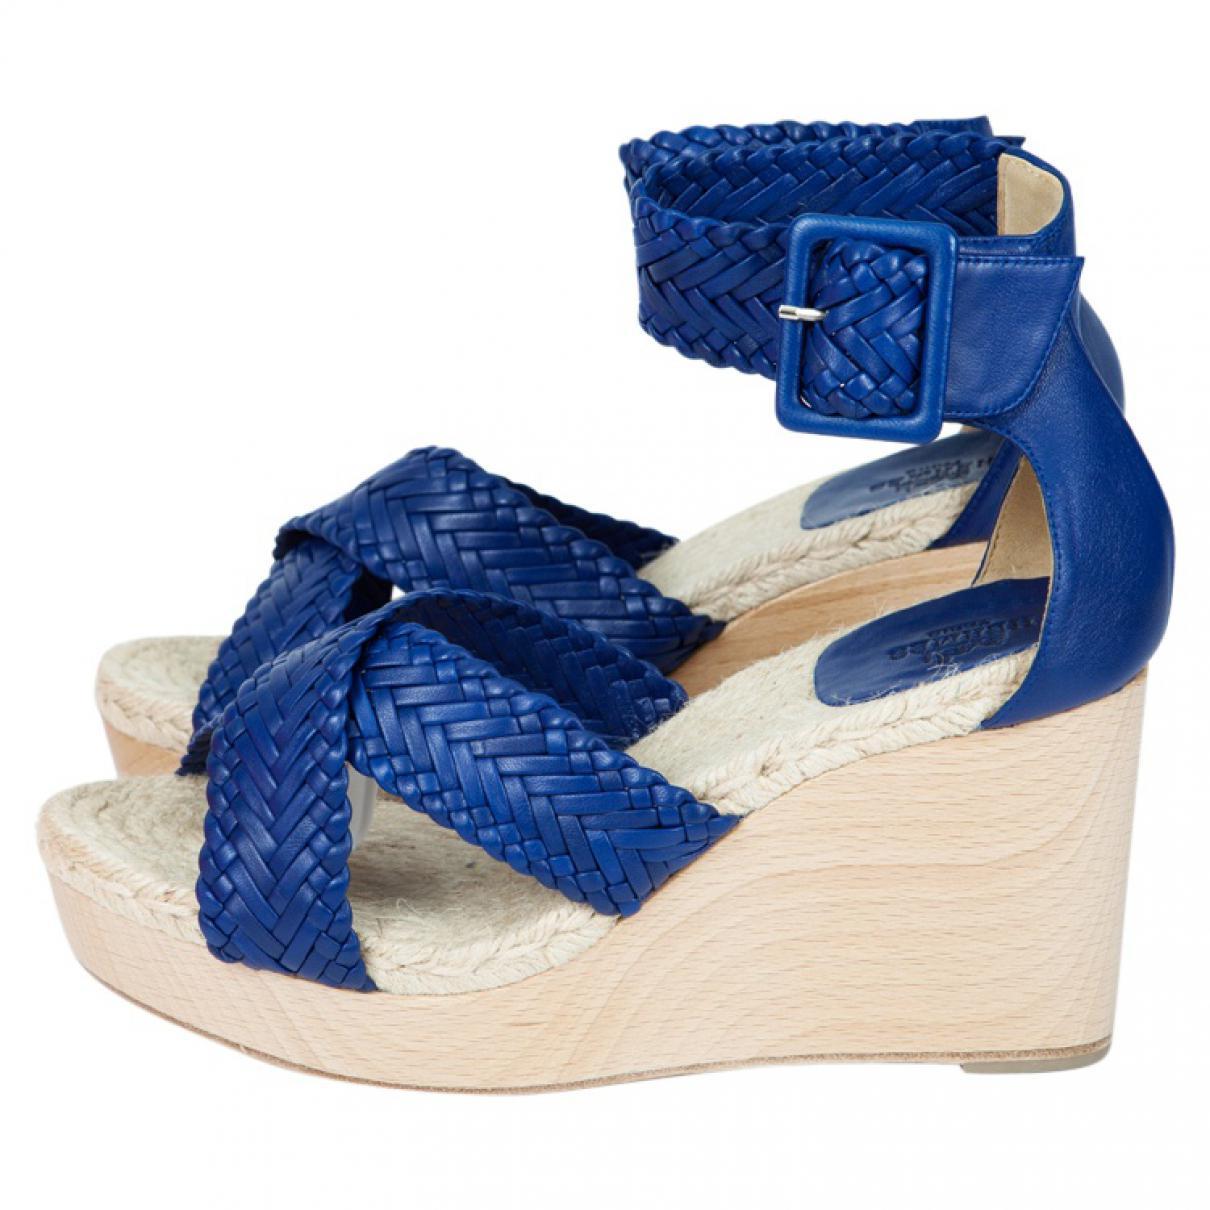 11ff160381e1 Hermès Blue Leather Sandals in Blue - Lyst